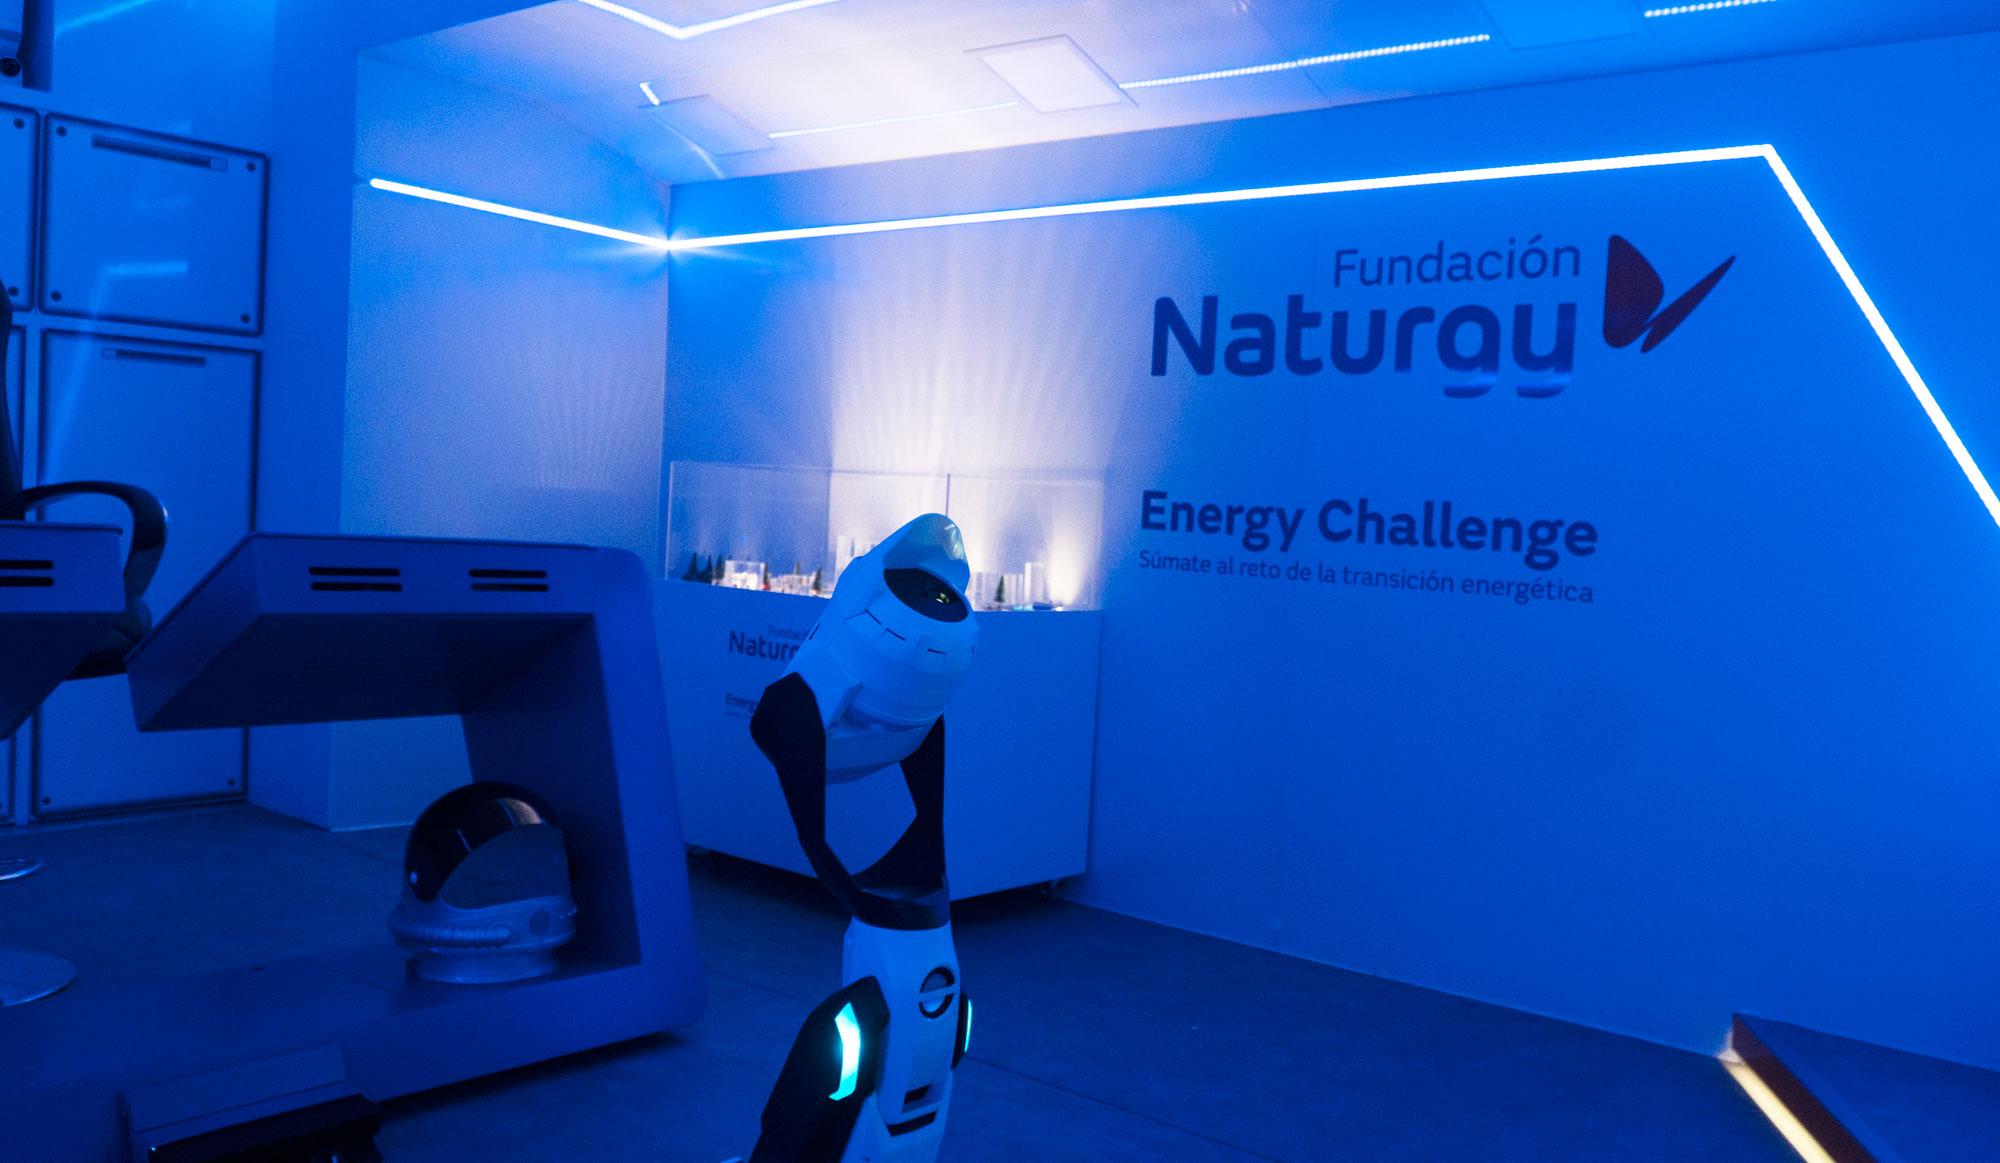 energy challenge- fundación Naturgy